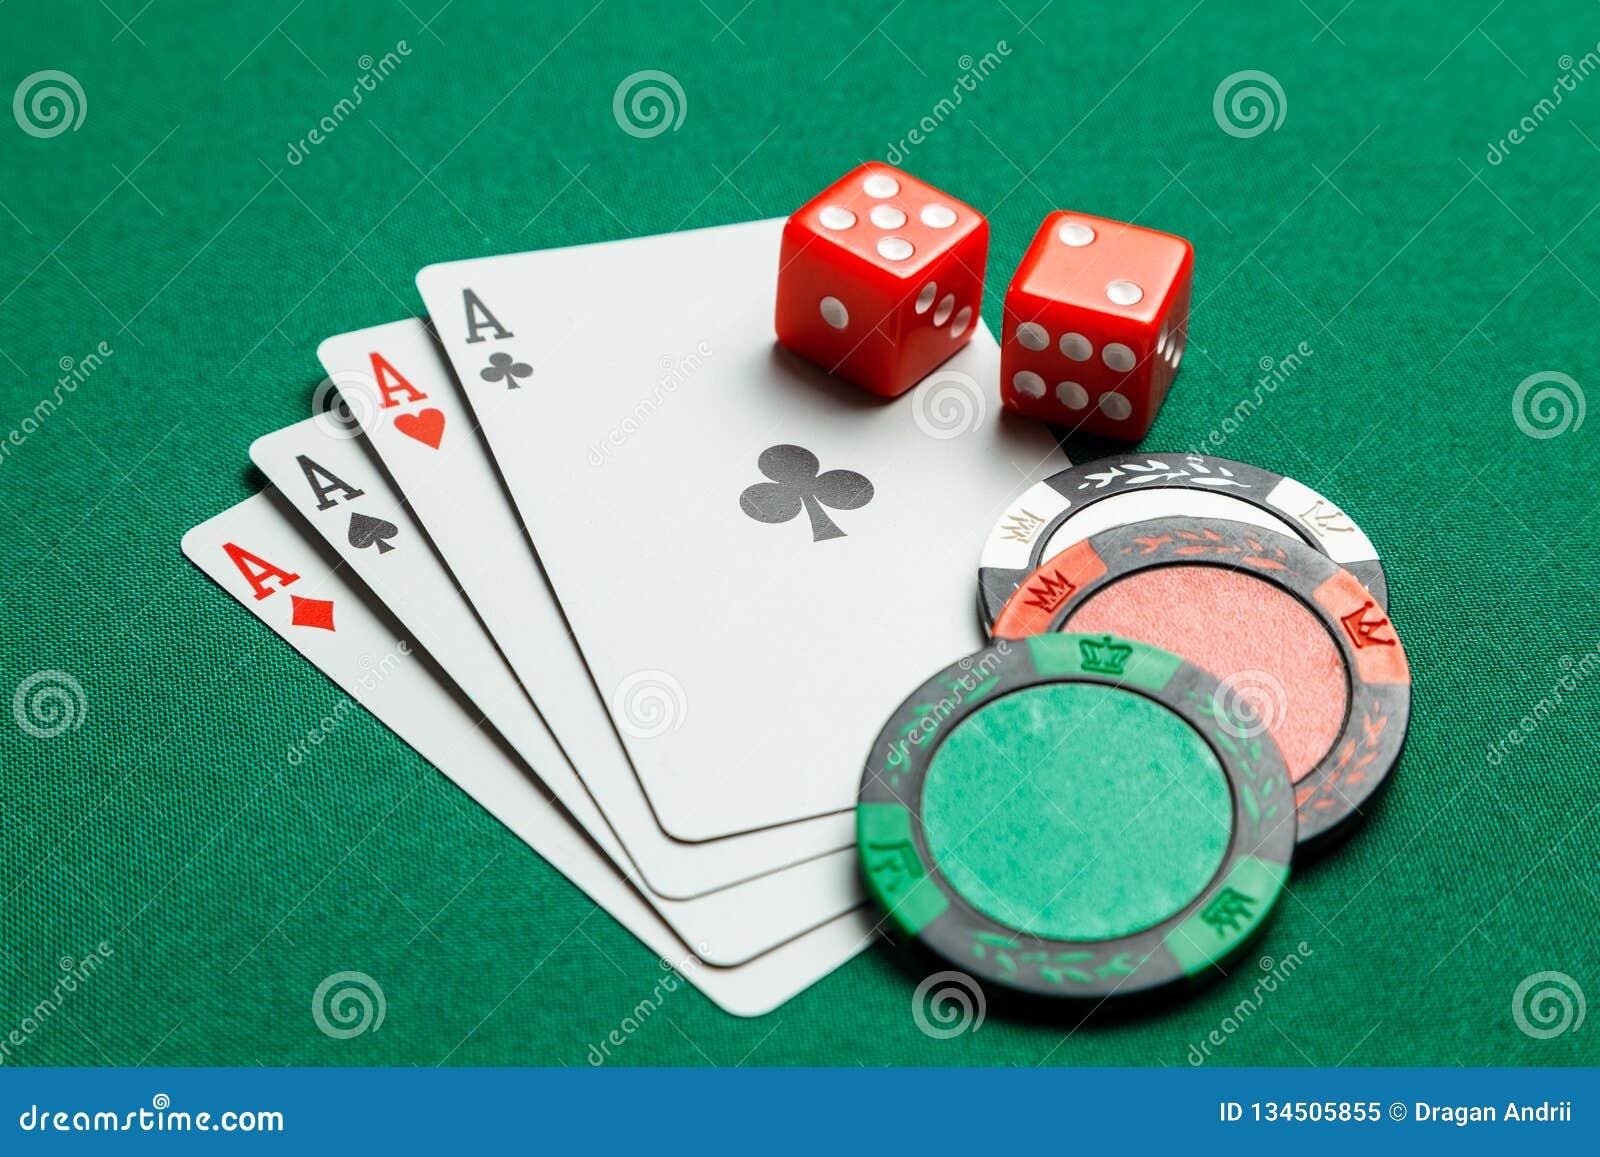 sleep game games gambling